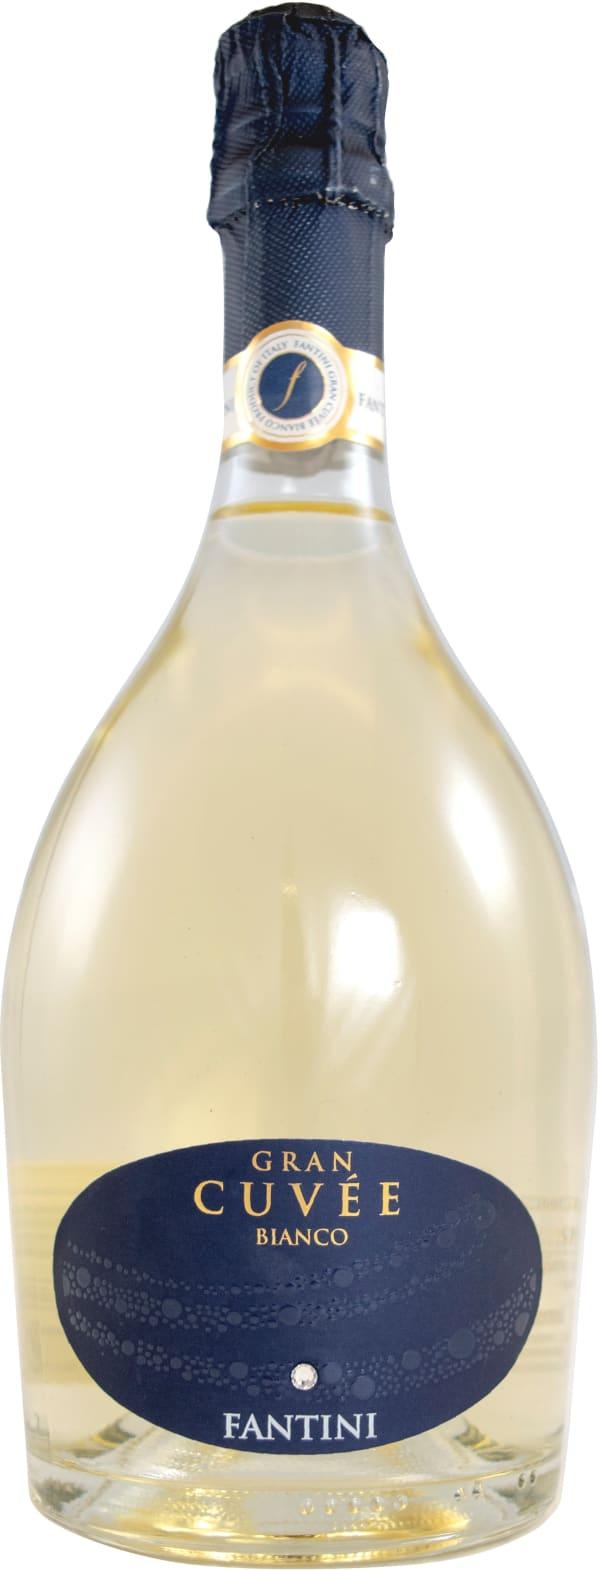 Fantini Gran Cuvée Bianco Swarowski Brut